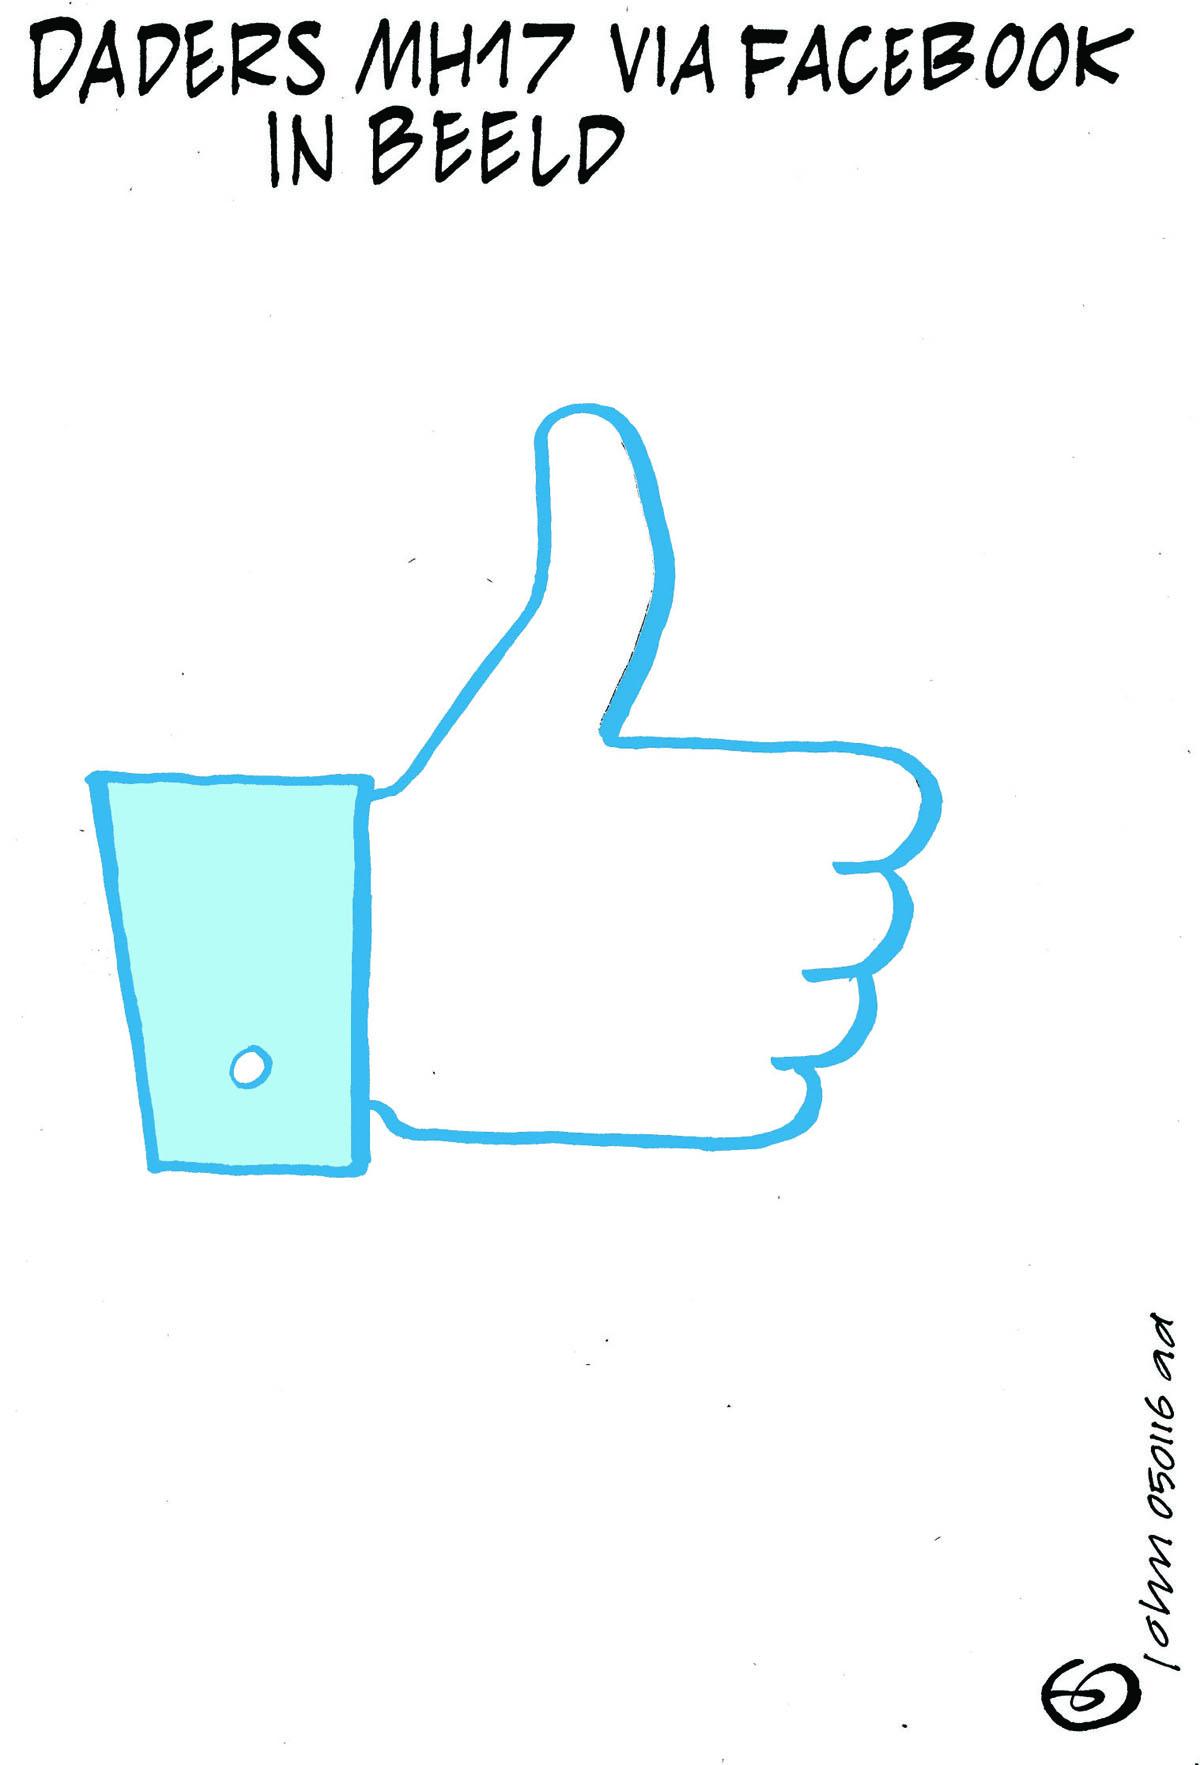 MH 17 en facebook